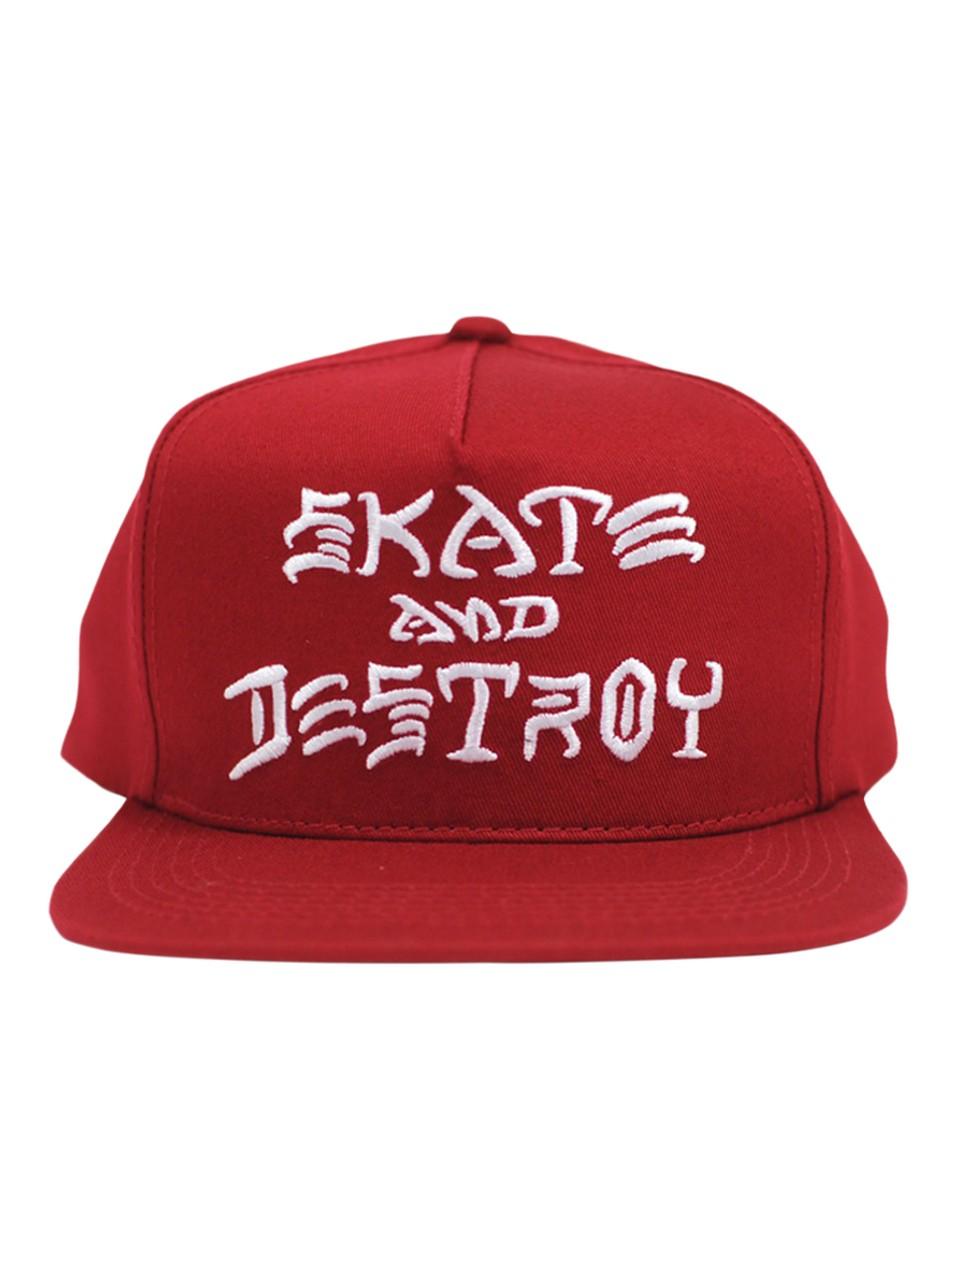 Boné Thrasher Snapback Skate And Destroy Vermelho